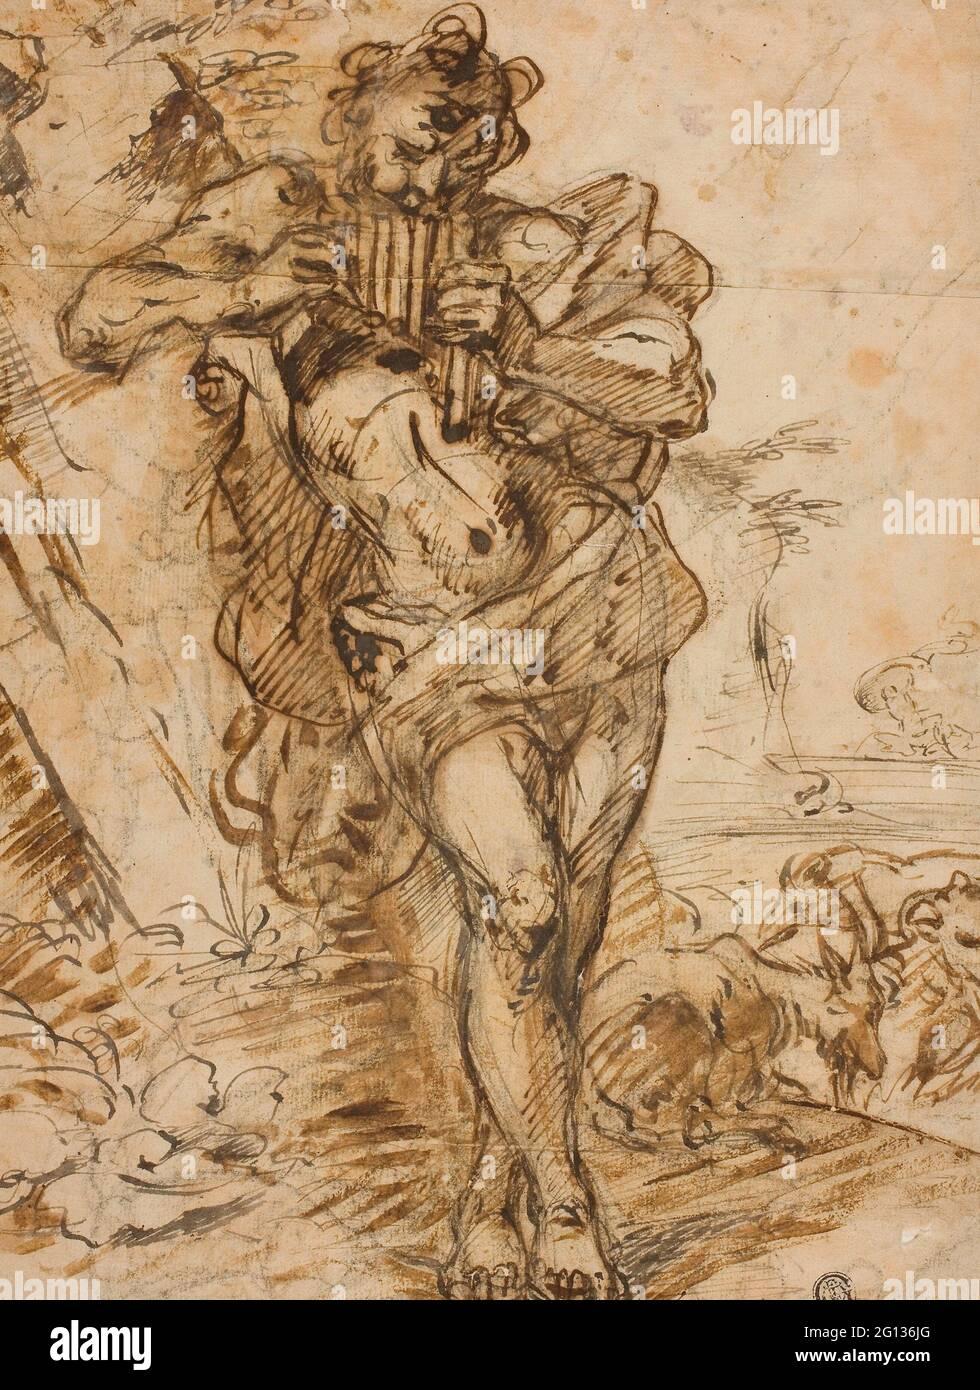 Auteur: Suiveur de Giovanni Benedetto Castiglione. PAN - peut-être un disciple de Giovanni Benedetto Castiglione Italien, 1609-1664. Stylo et fer Galle Banque D'Images